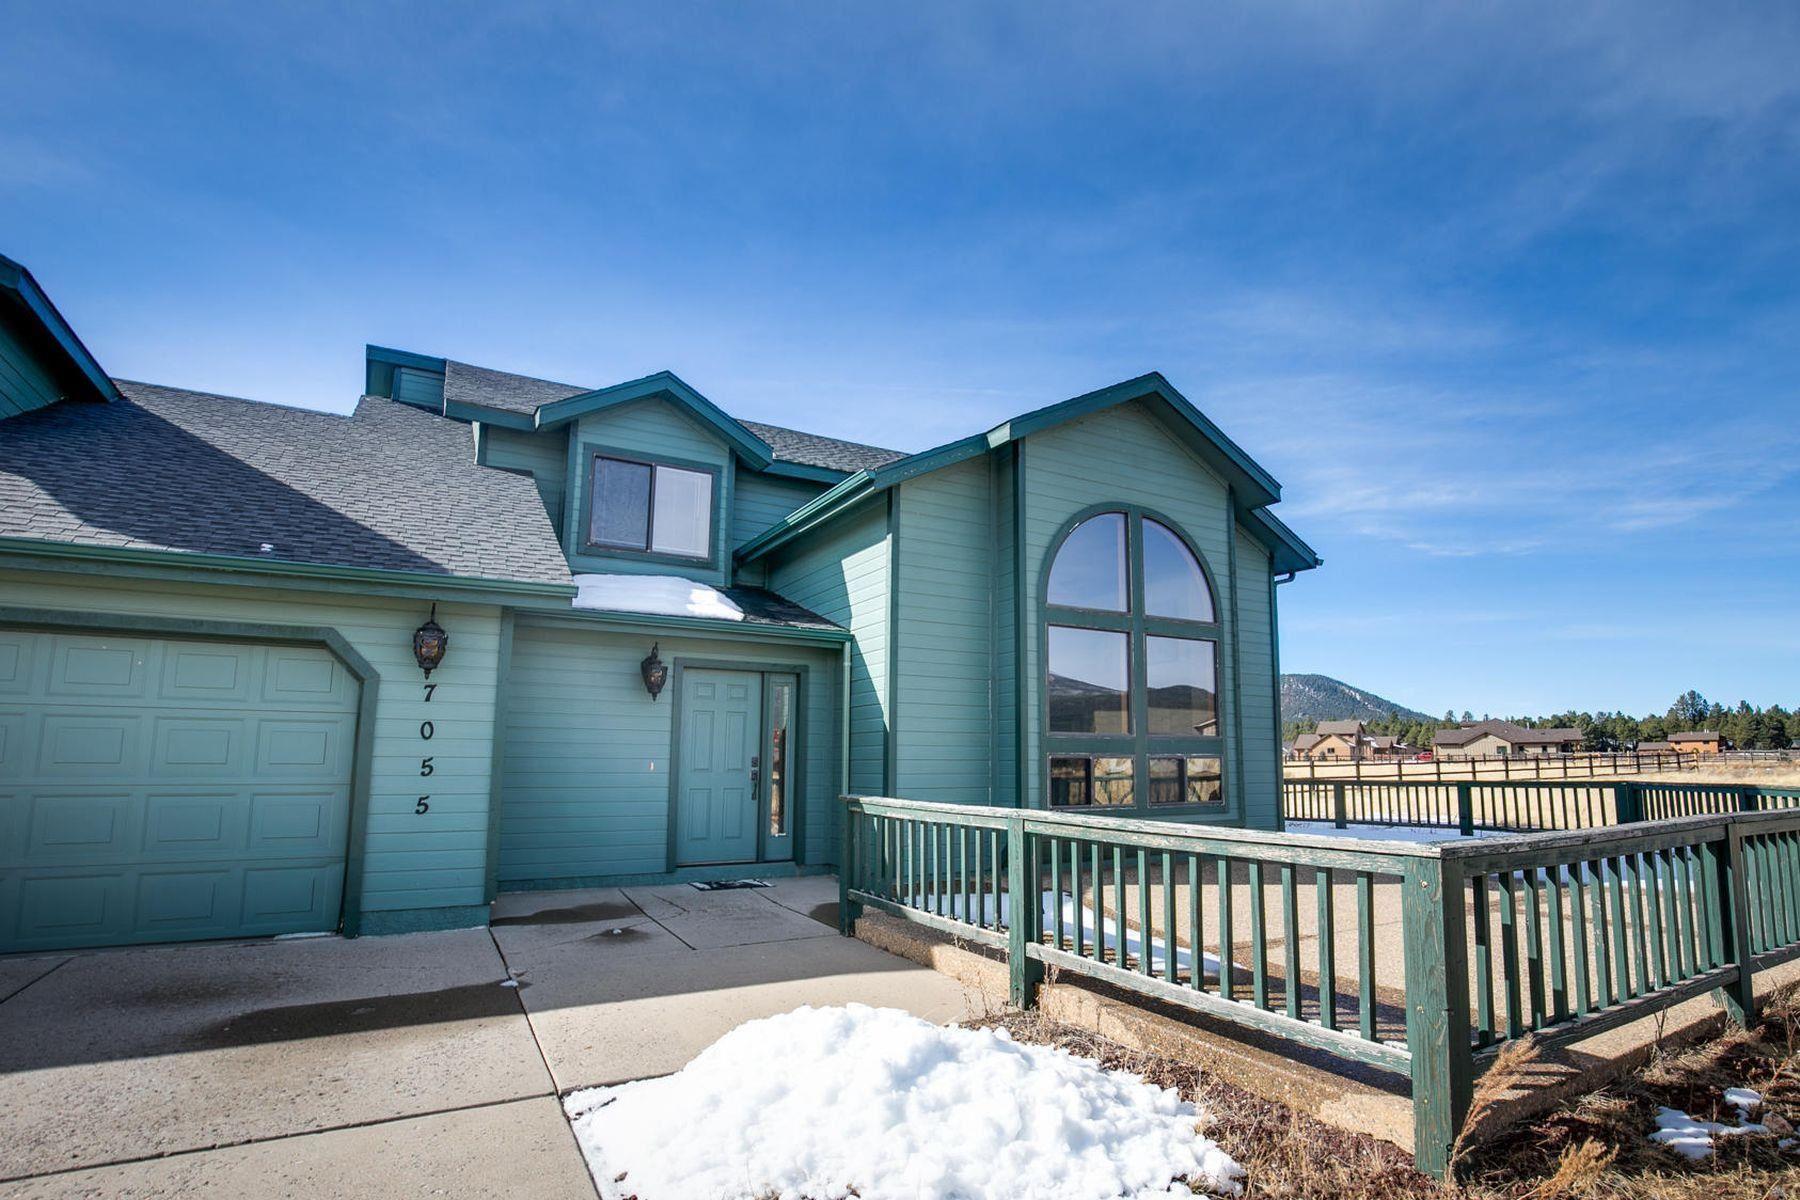 一戸建て のために 売買 アット Gorgeous home with spectacular views 7055 N Greene Ln, Flagstaff, アリゾナ, 86001 アメリカ合衆国